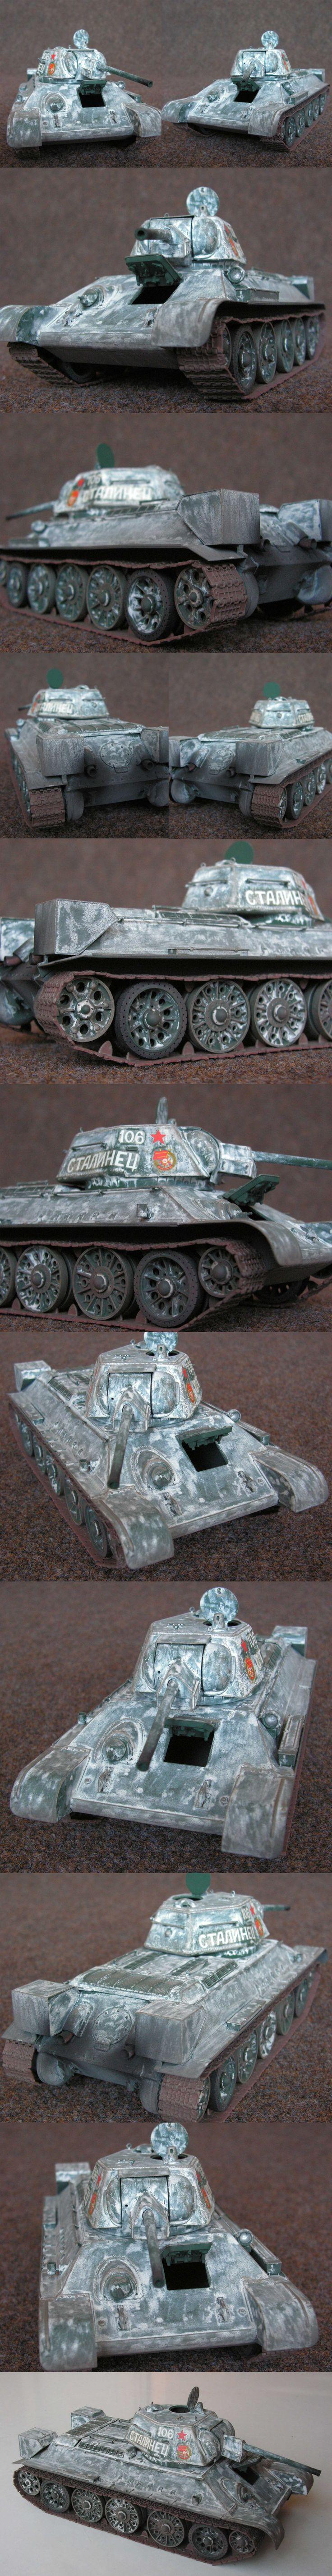 T 34/76  mod. 1943 30. gard. tank. brigáda, Leningrad, listopad 1943 Italeri